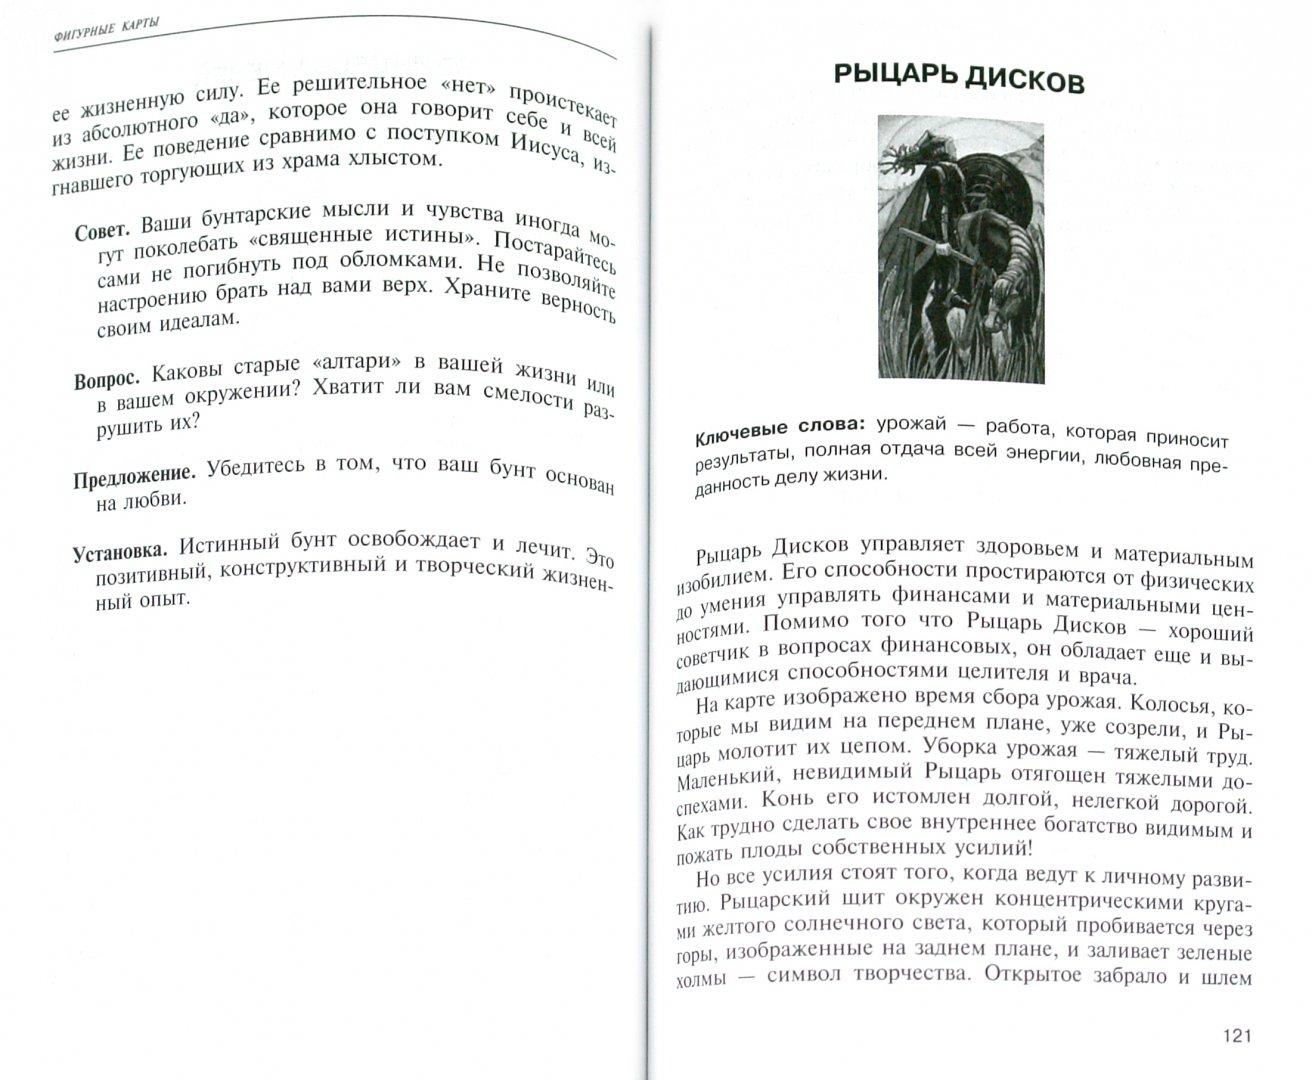 Иллюстрация 1 из 15 для Таро - зеркало души: Справочник по колоде Таро Кроули - Тота - Герд Зиглер | Лабиринт - книги. Источник: Лабиринт